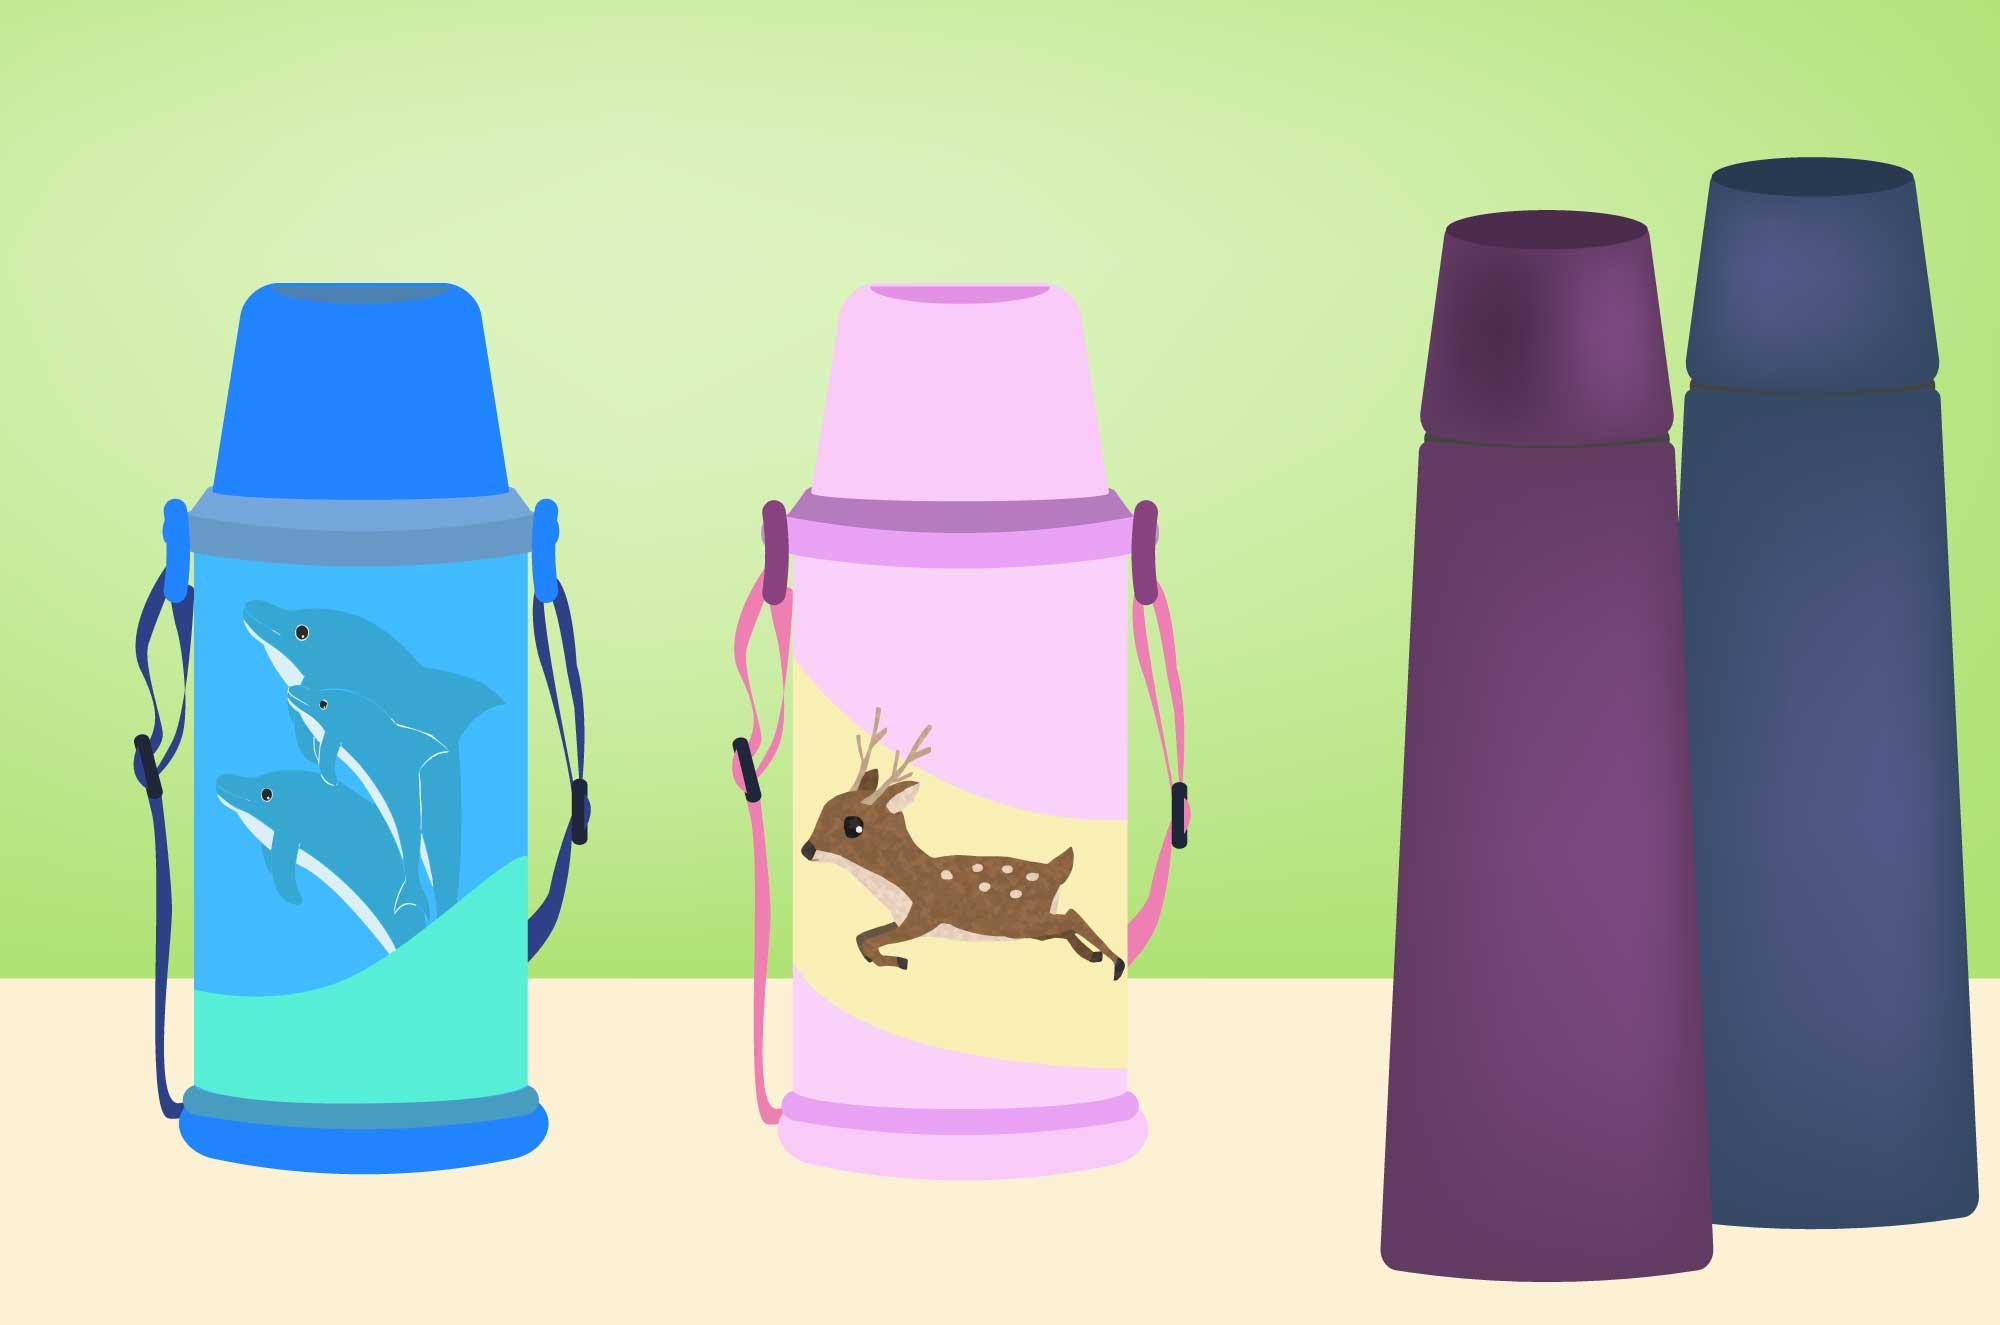 水筒のイラスト - 遠足・お出かけ生活用品素材